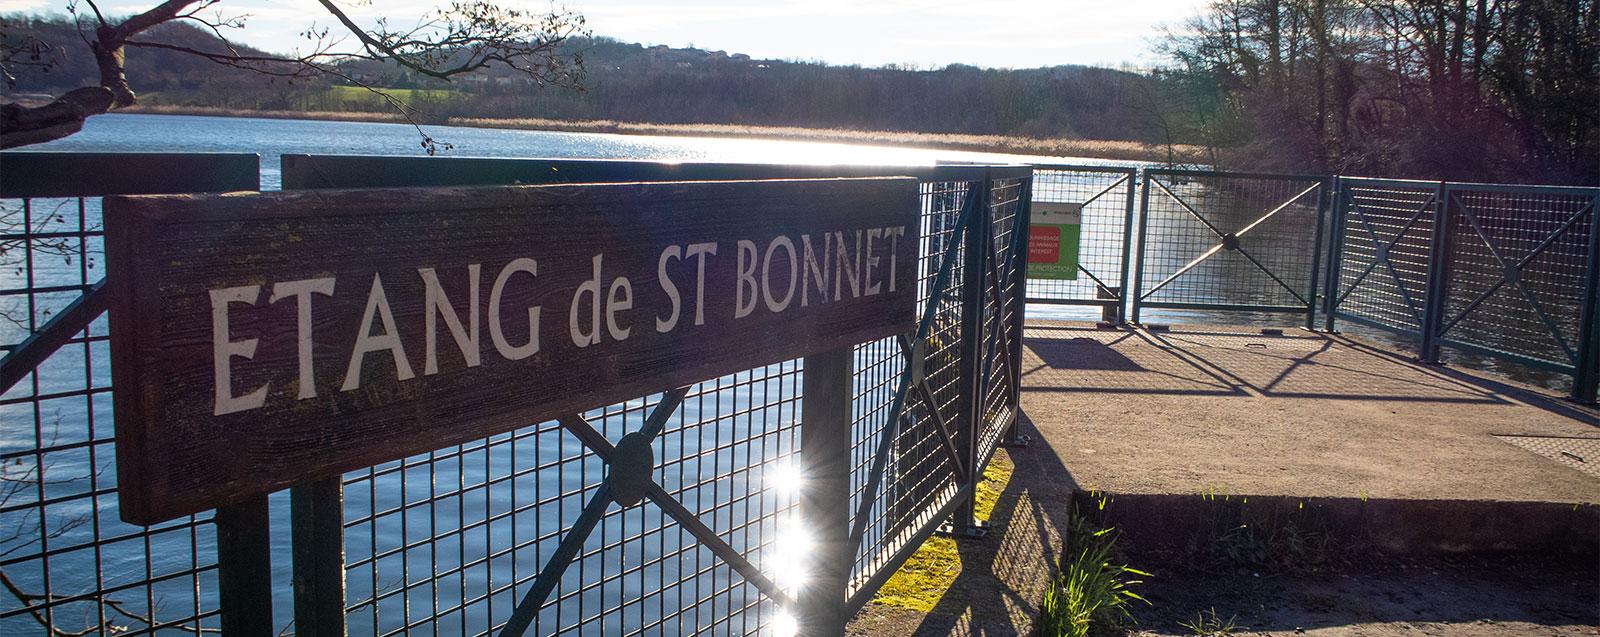 Étang de Saint-Bonnet